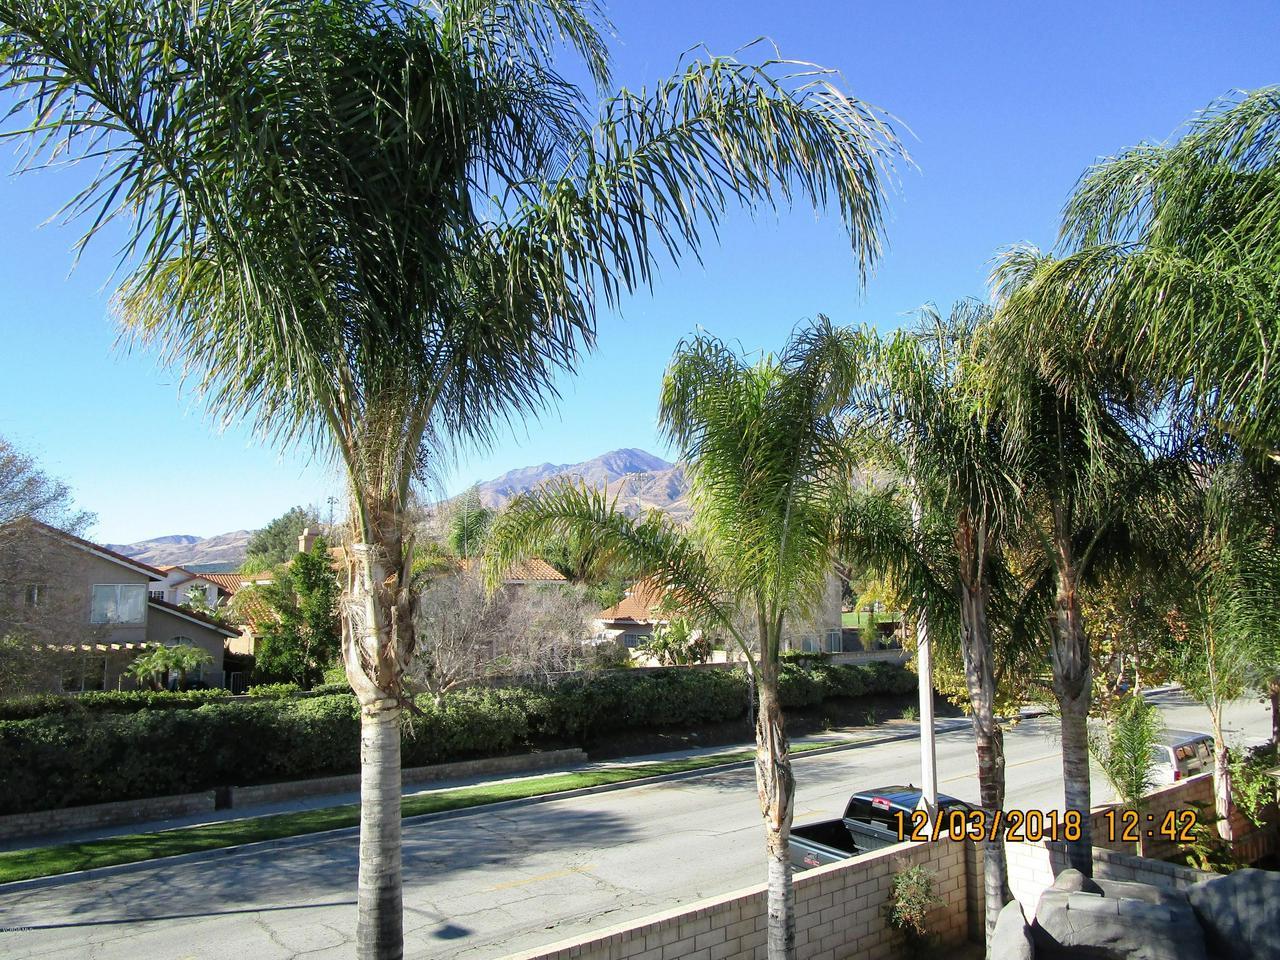 1063 MEADOWLARK, Fillmore, CA 93015 - view